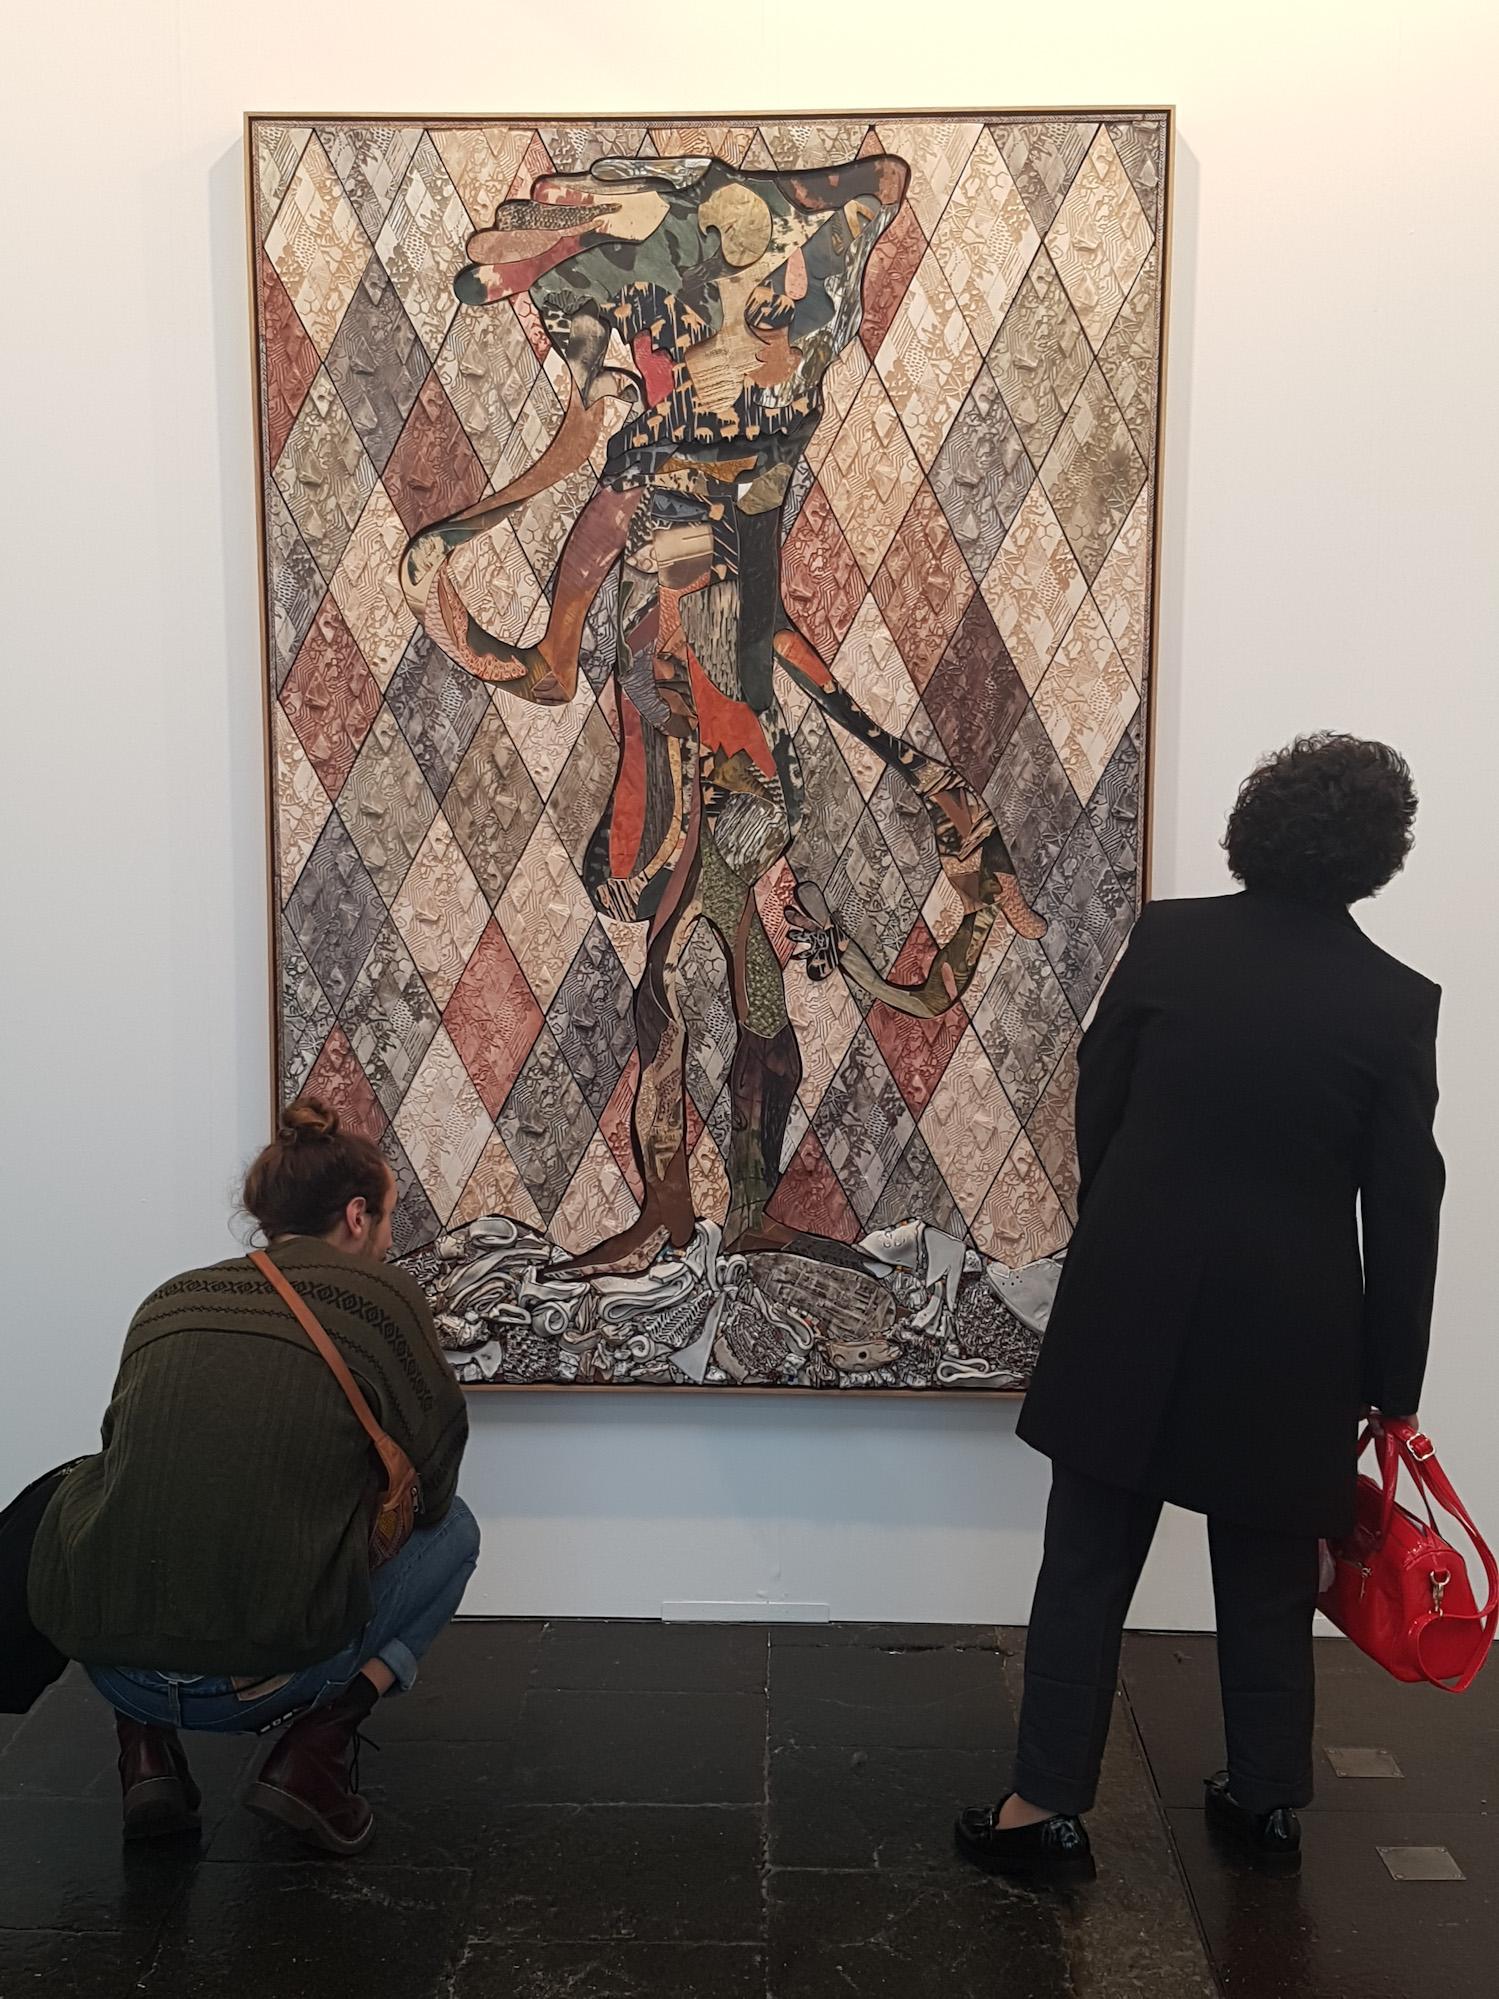 Kunst, Investment, Gebrauchskunst, Steuern sparen, Kunst kaufen privat